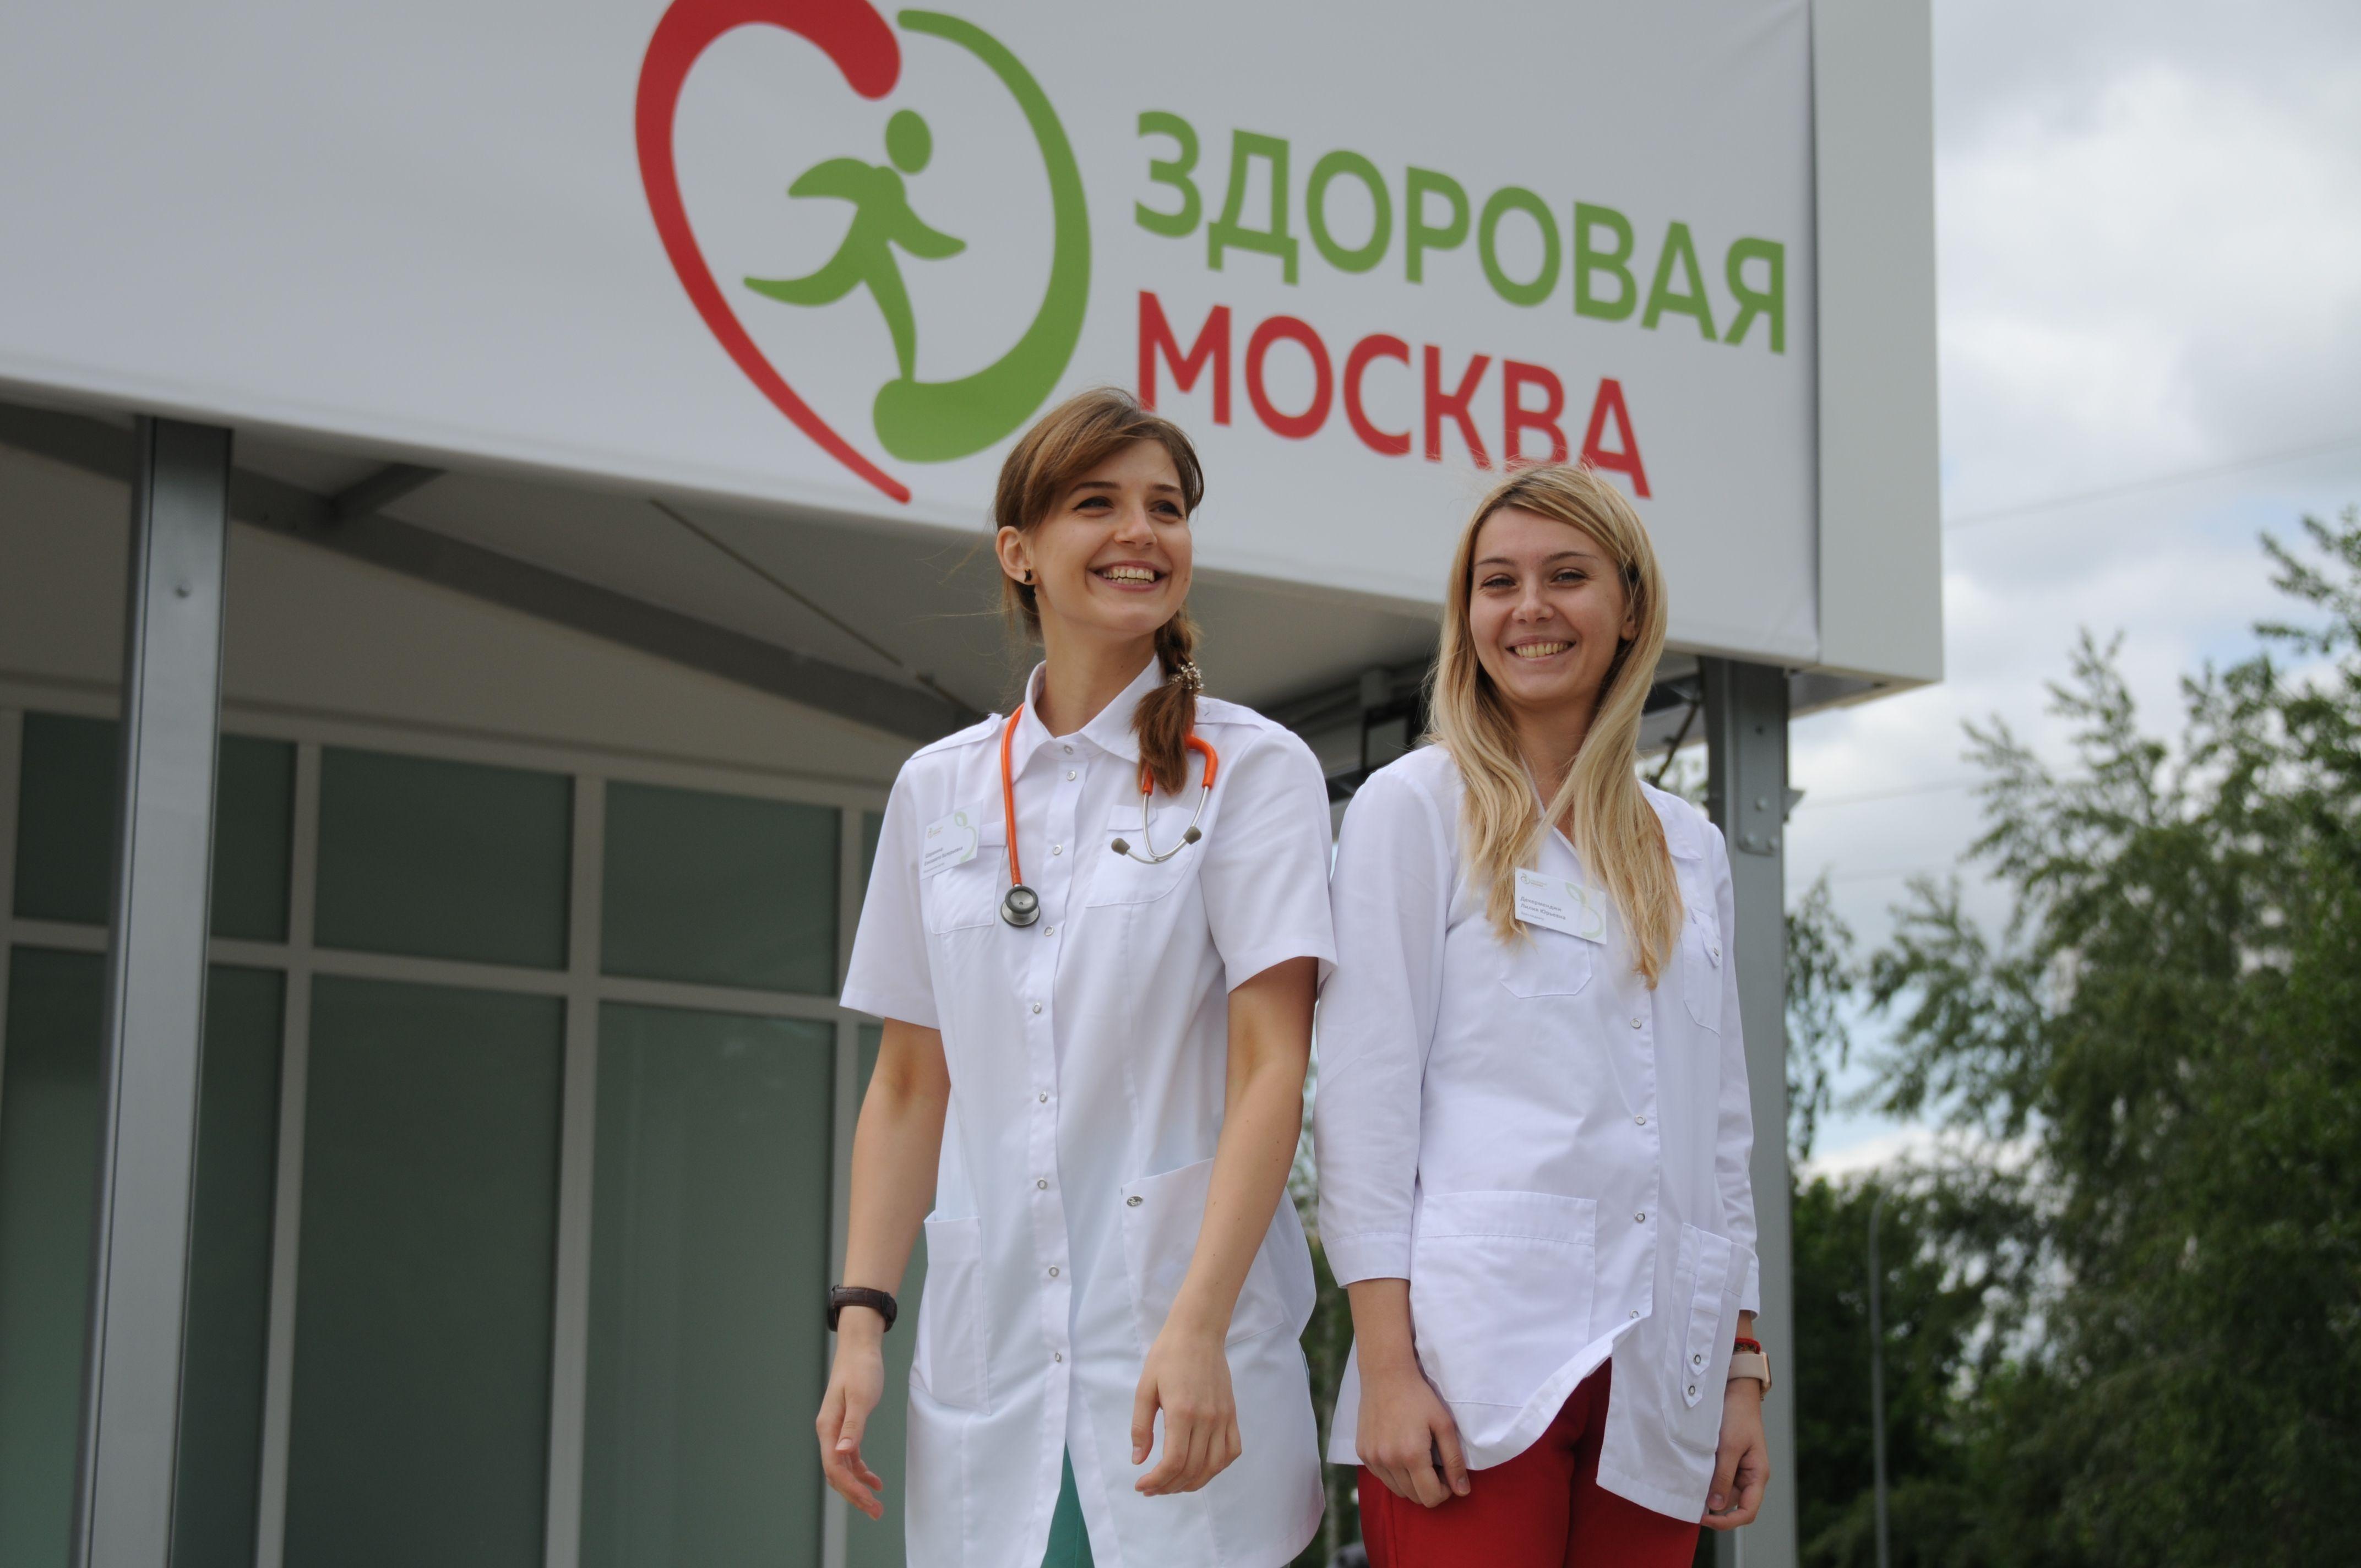 Почти 35 тысяч человек бесплатно проверили здоровье в парках Москвы